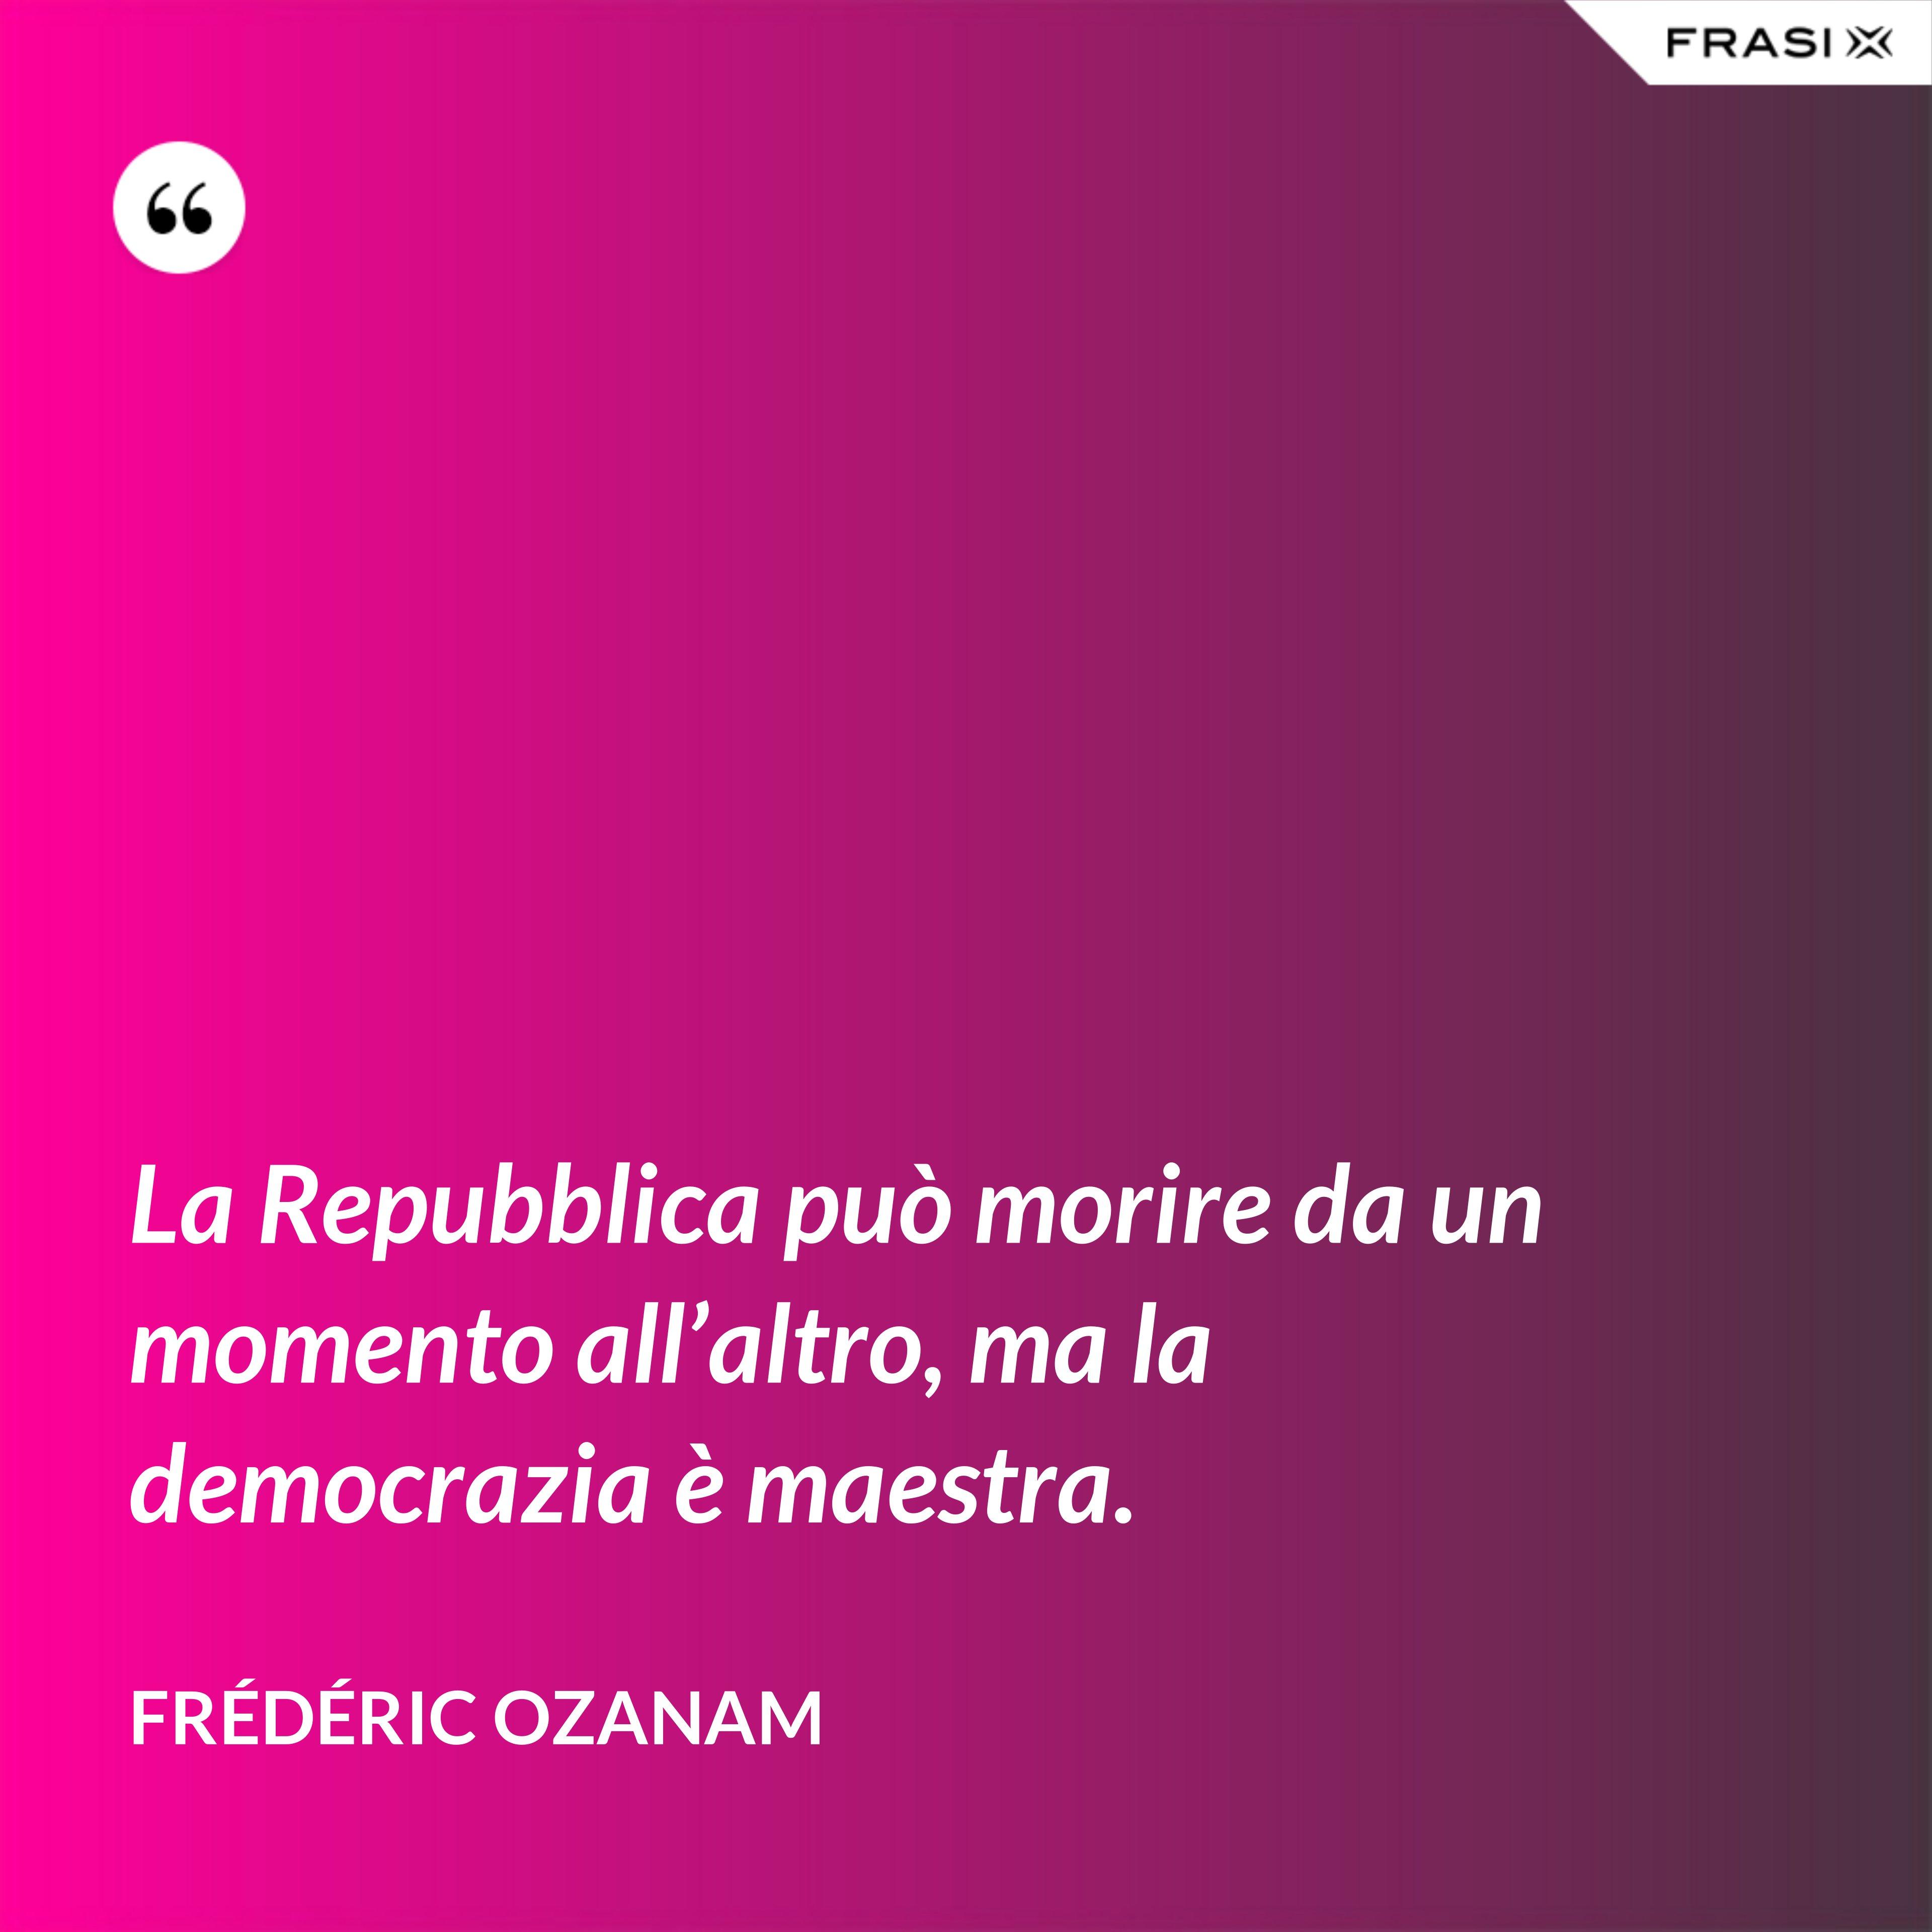 La Repubblica può morire da un momento all'altro, ma la democrazia è maestra. - Frédéric Ozanam